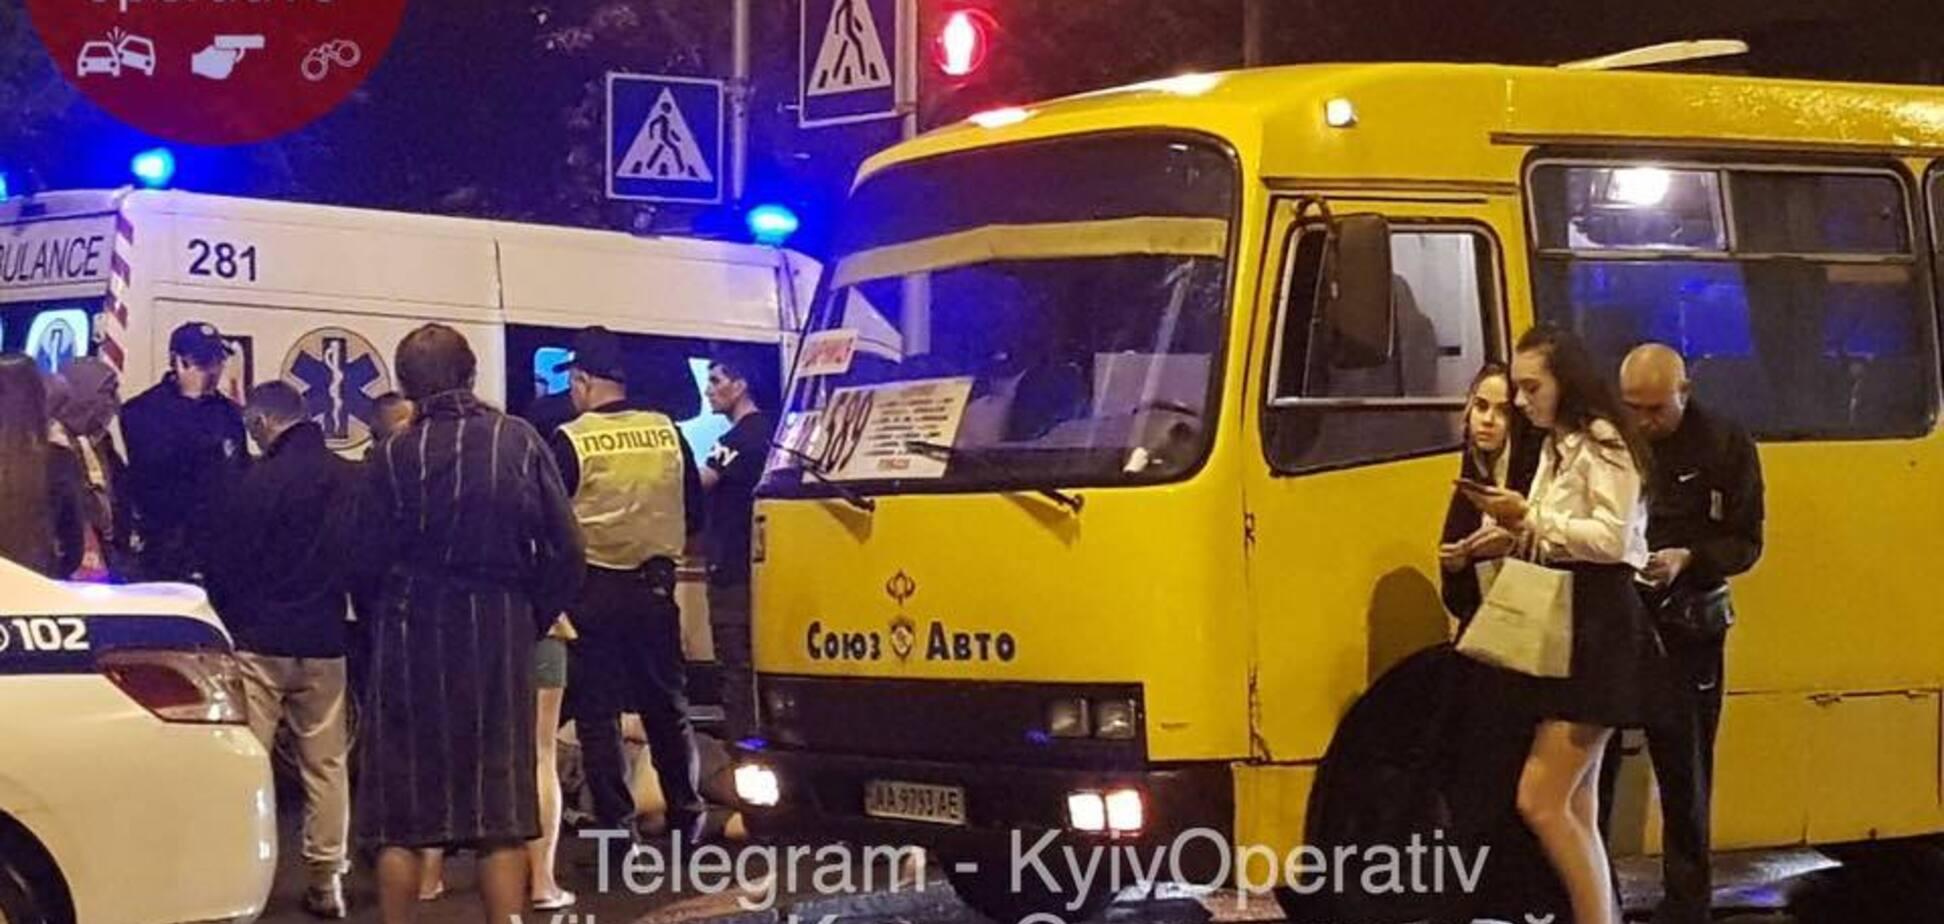 У Києві п'яний пасажир маршрутки порізав юнака через зауваження: фото з місця НП